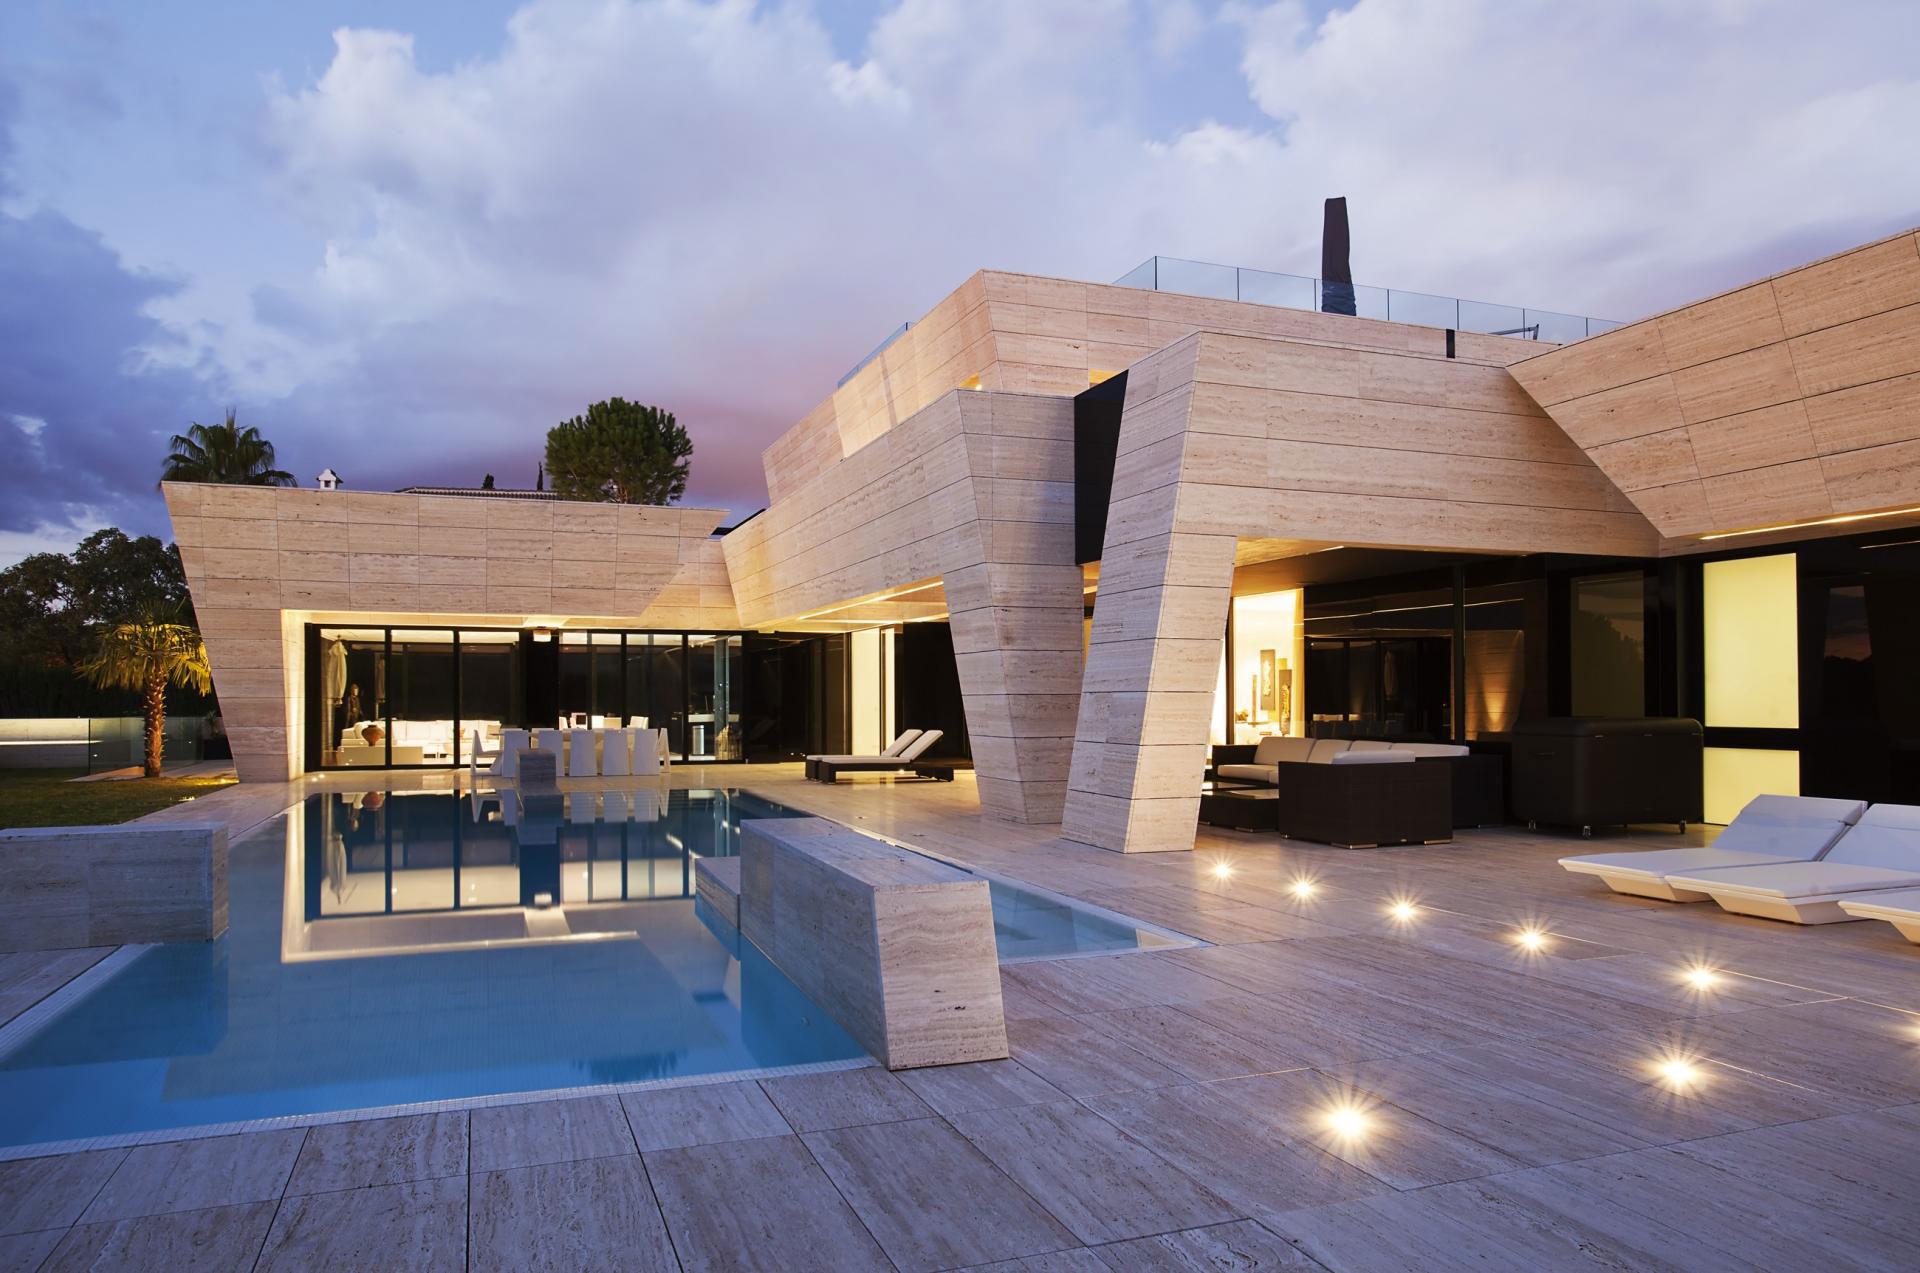 Casas Modernas Prefabricadas Precios En Espana Y Fotos 2018